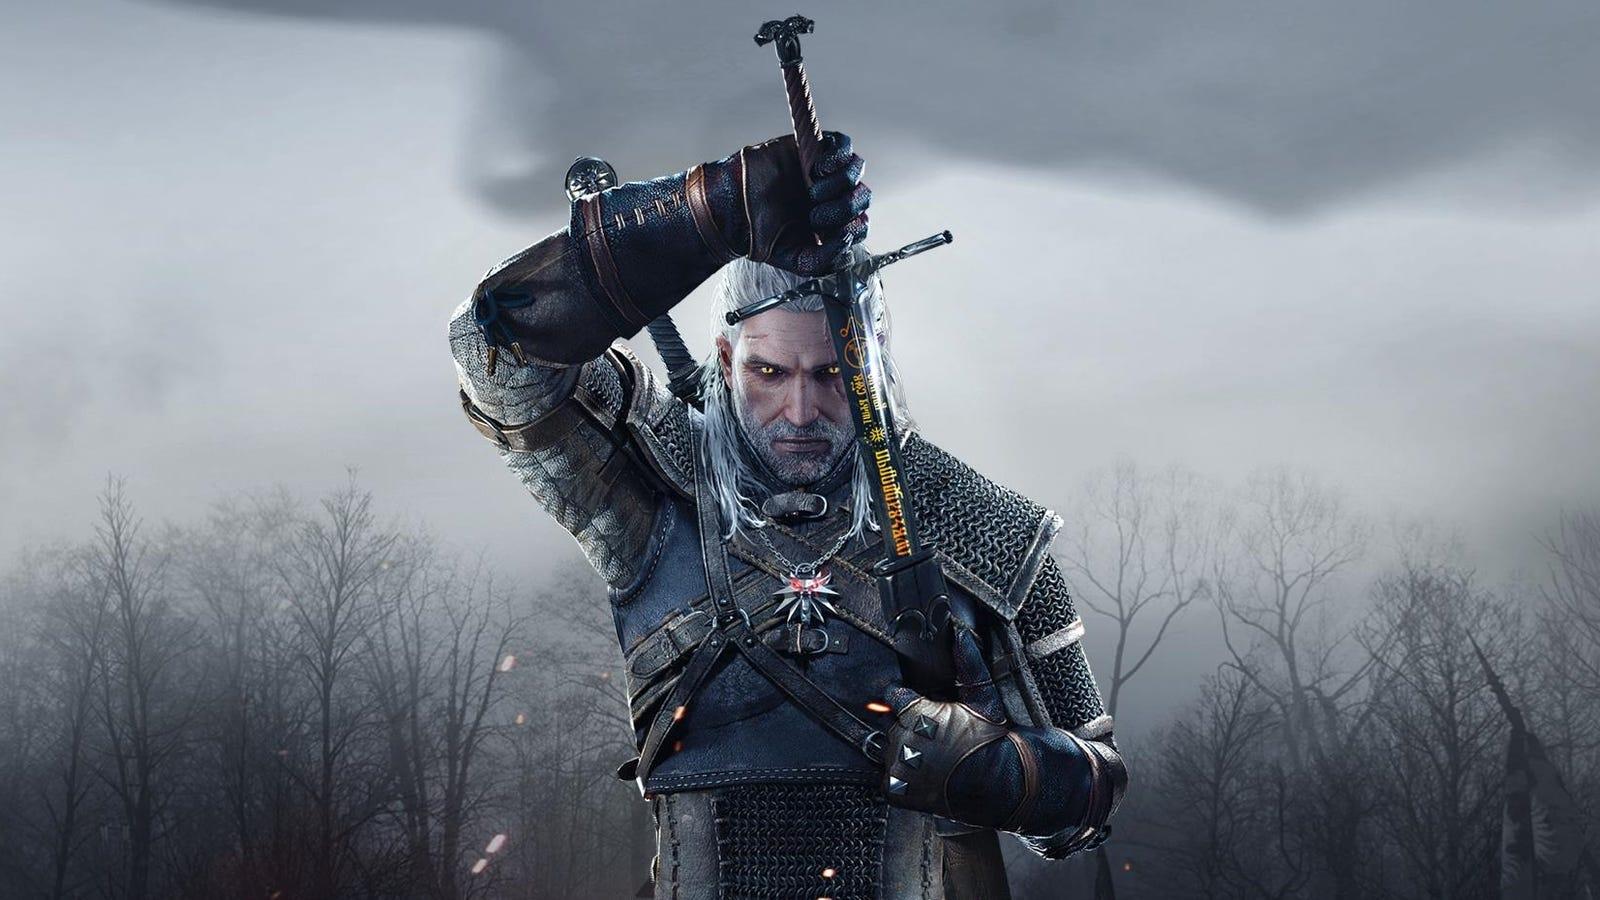 La versión final de The Witcher 3 no trae los gráficos que prometía